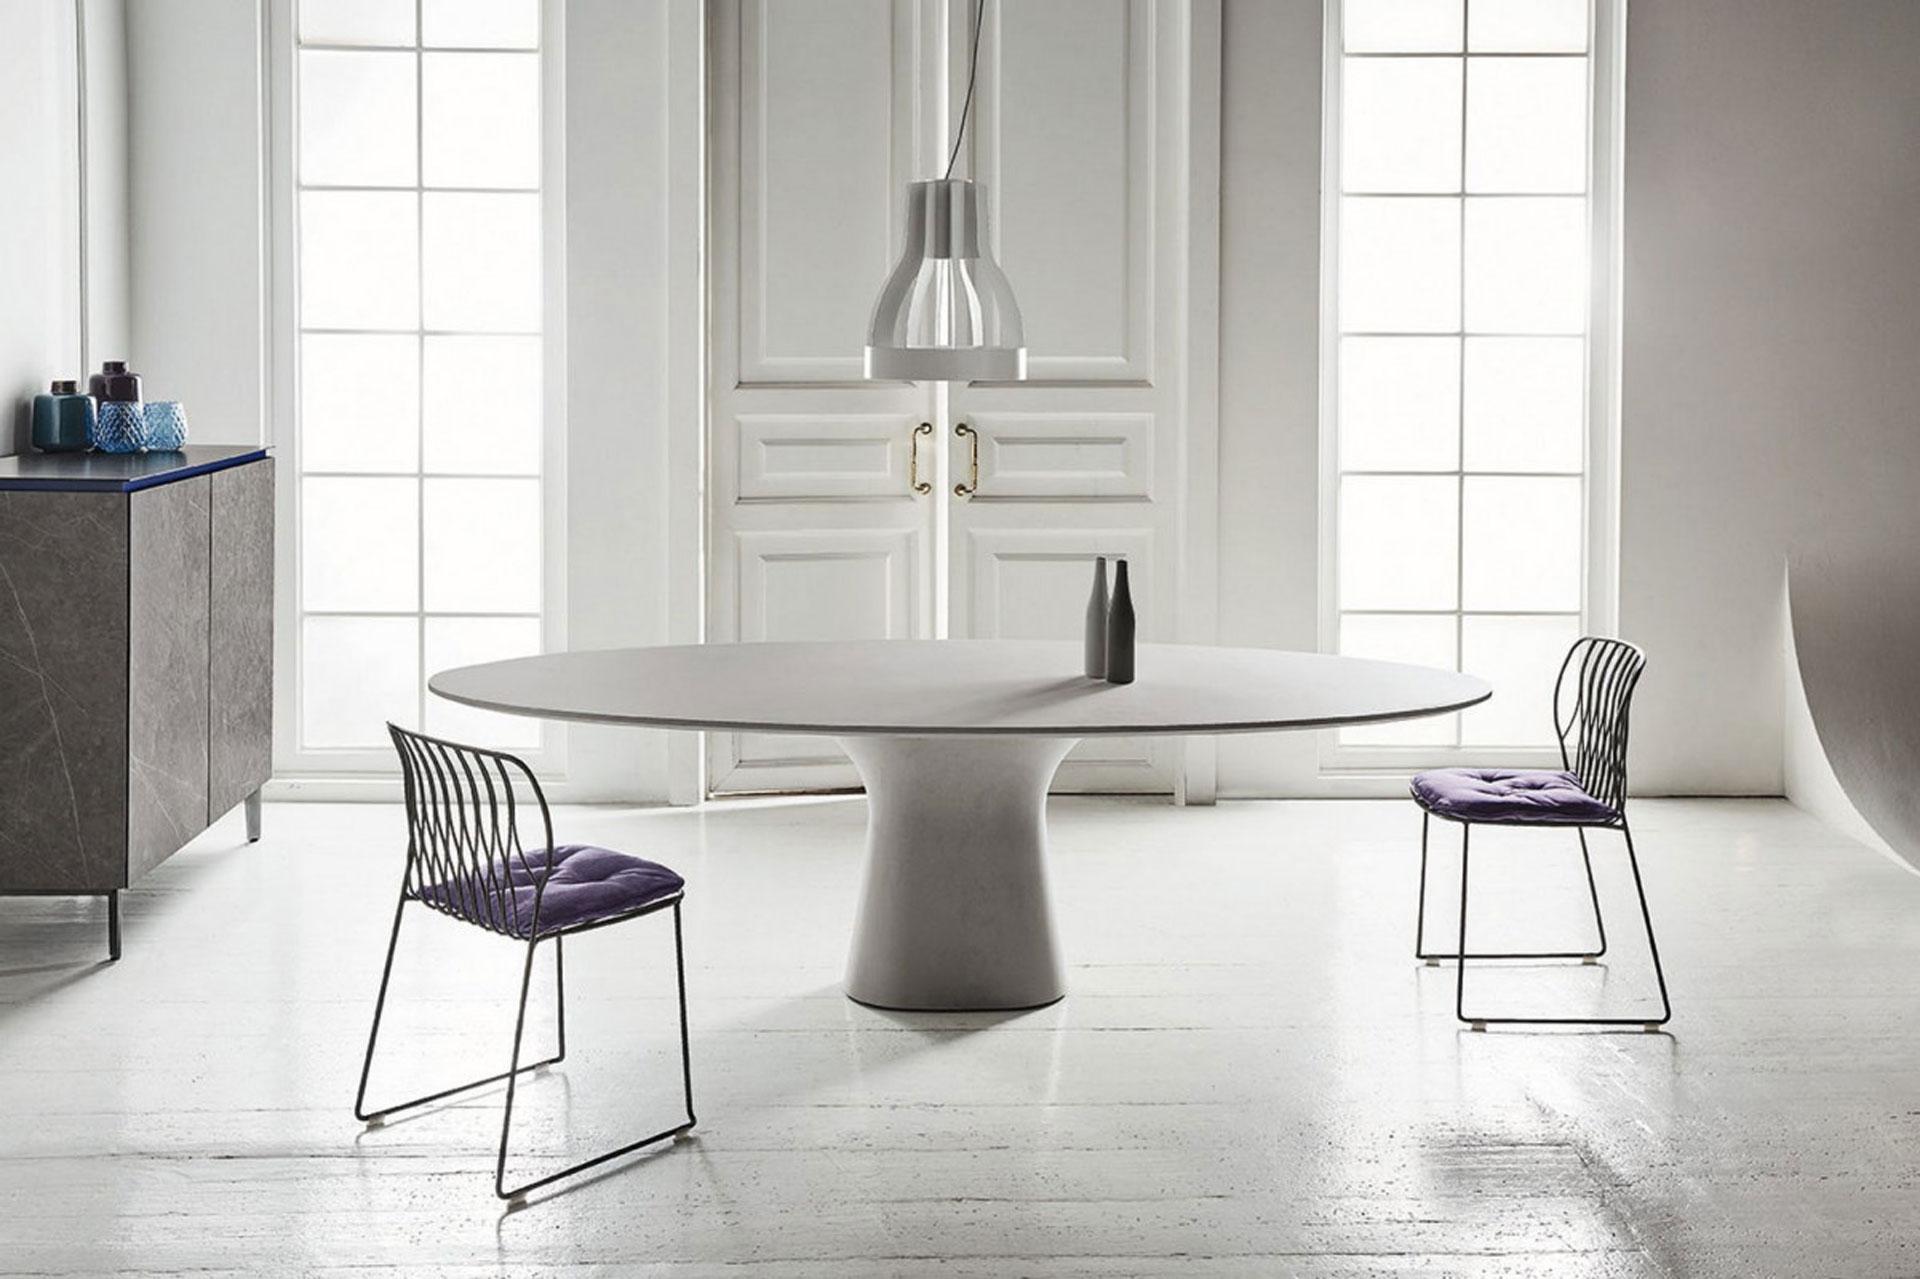 Tavoli e Sedie da Cucina e Soggiorno: Colore Bianco